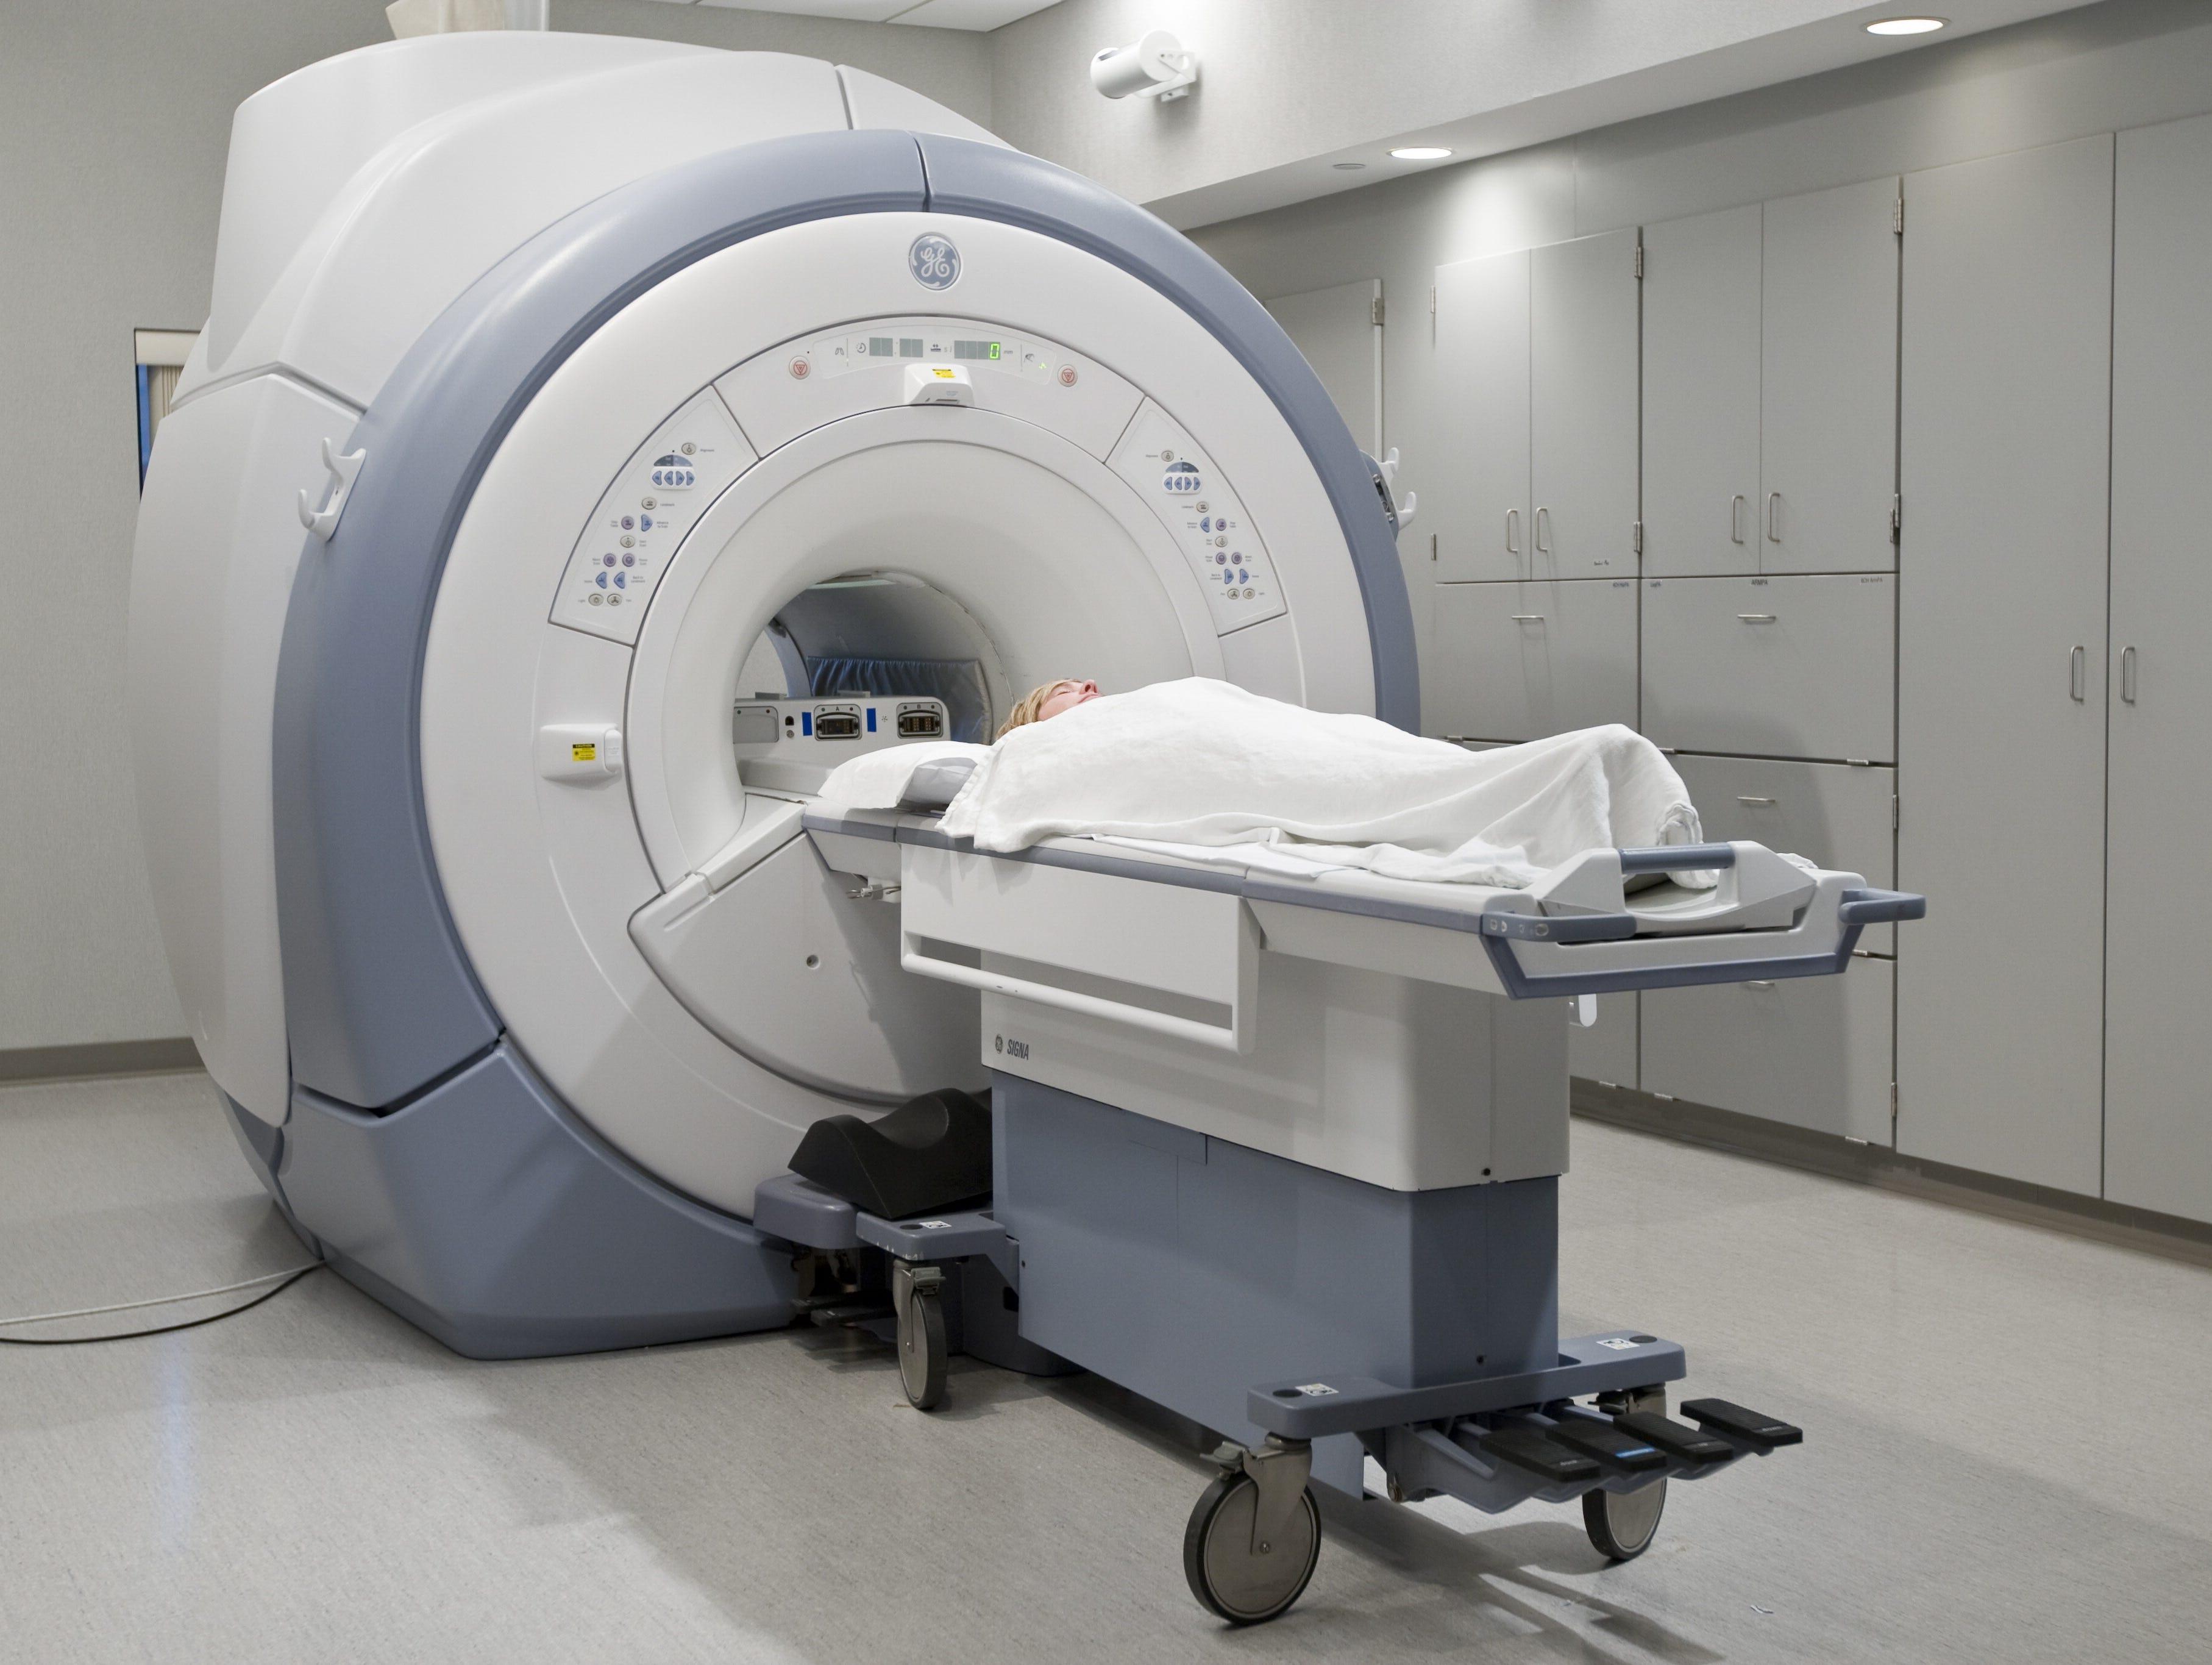 Alzheimer's scan